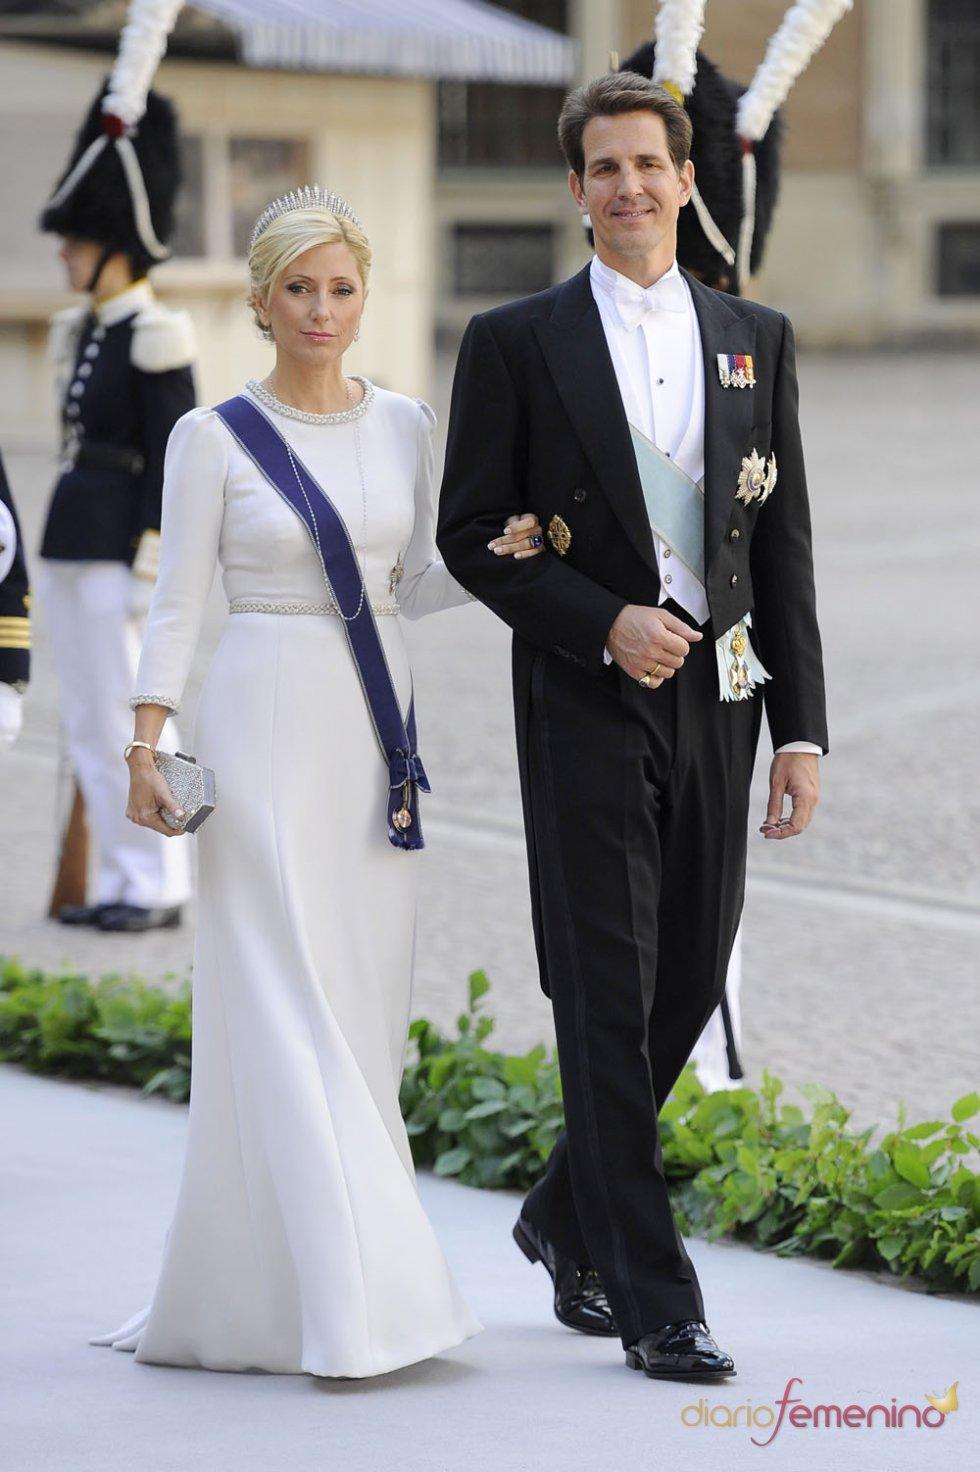 Marie-Chantal de Grecia y su marido Pablo de Grecia en la Boda Real de Grecia